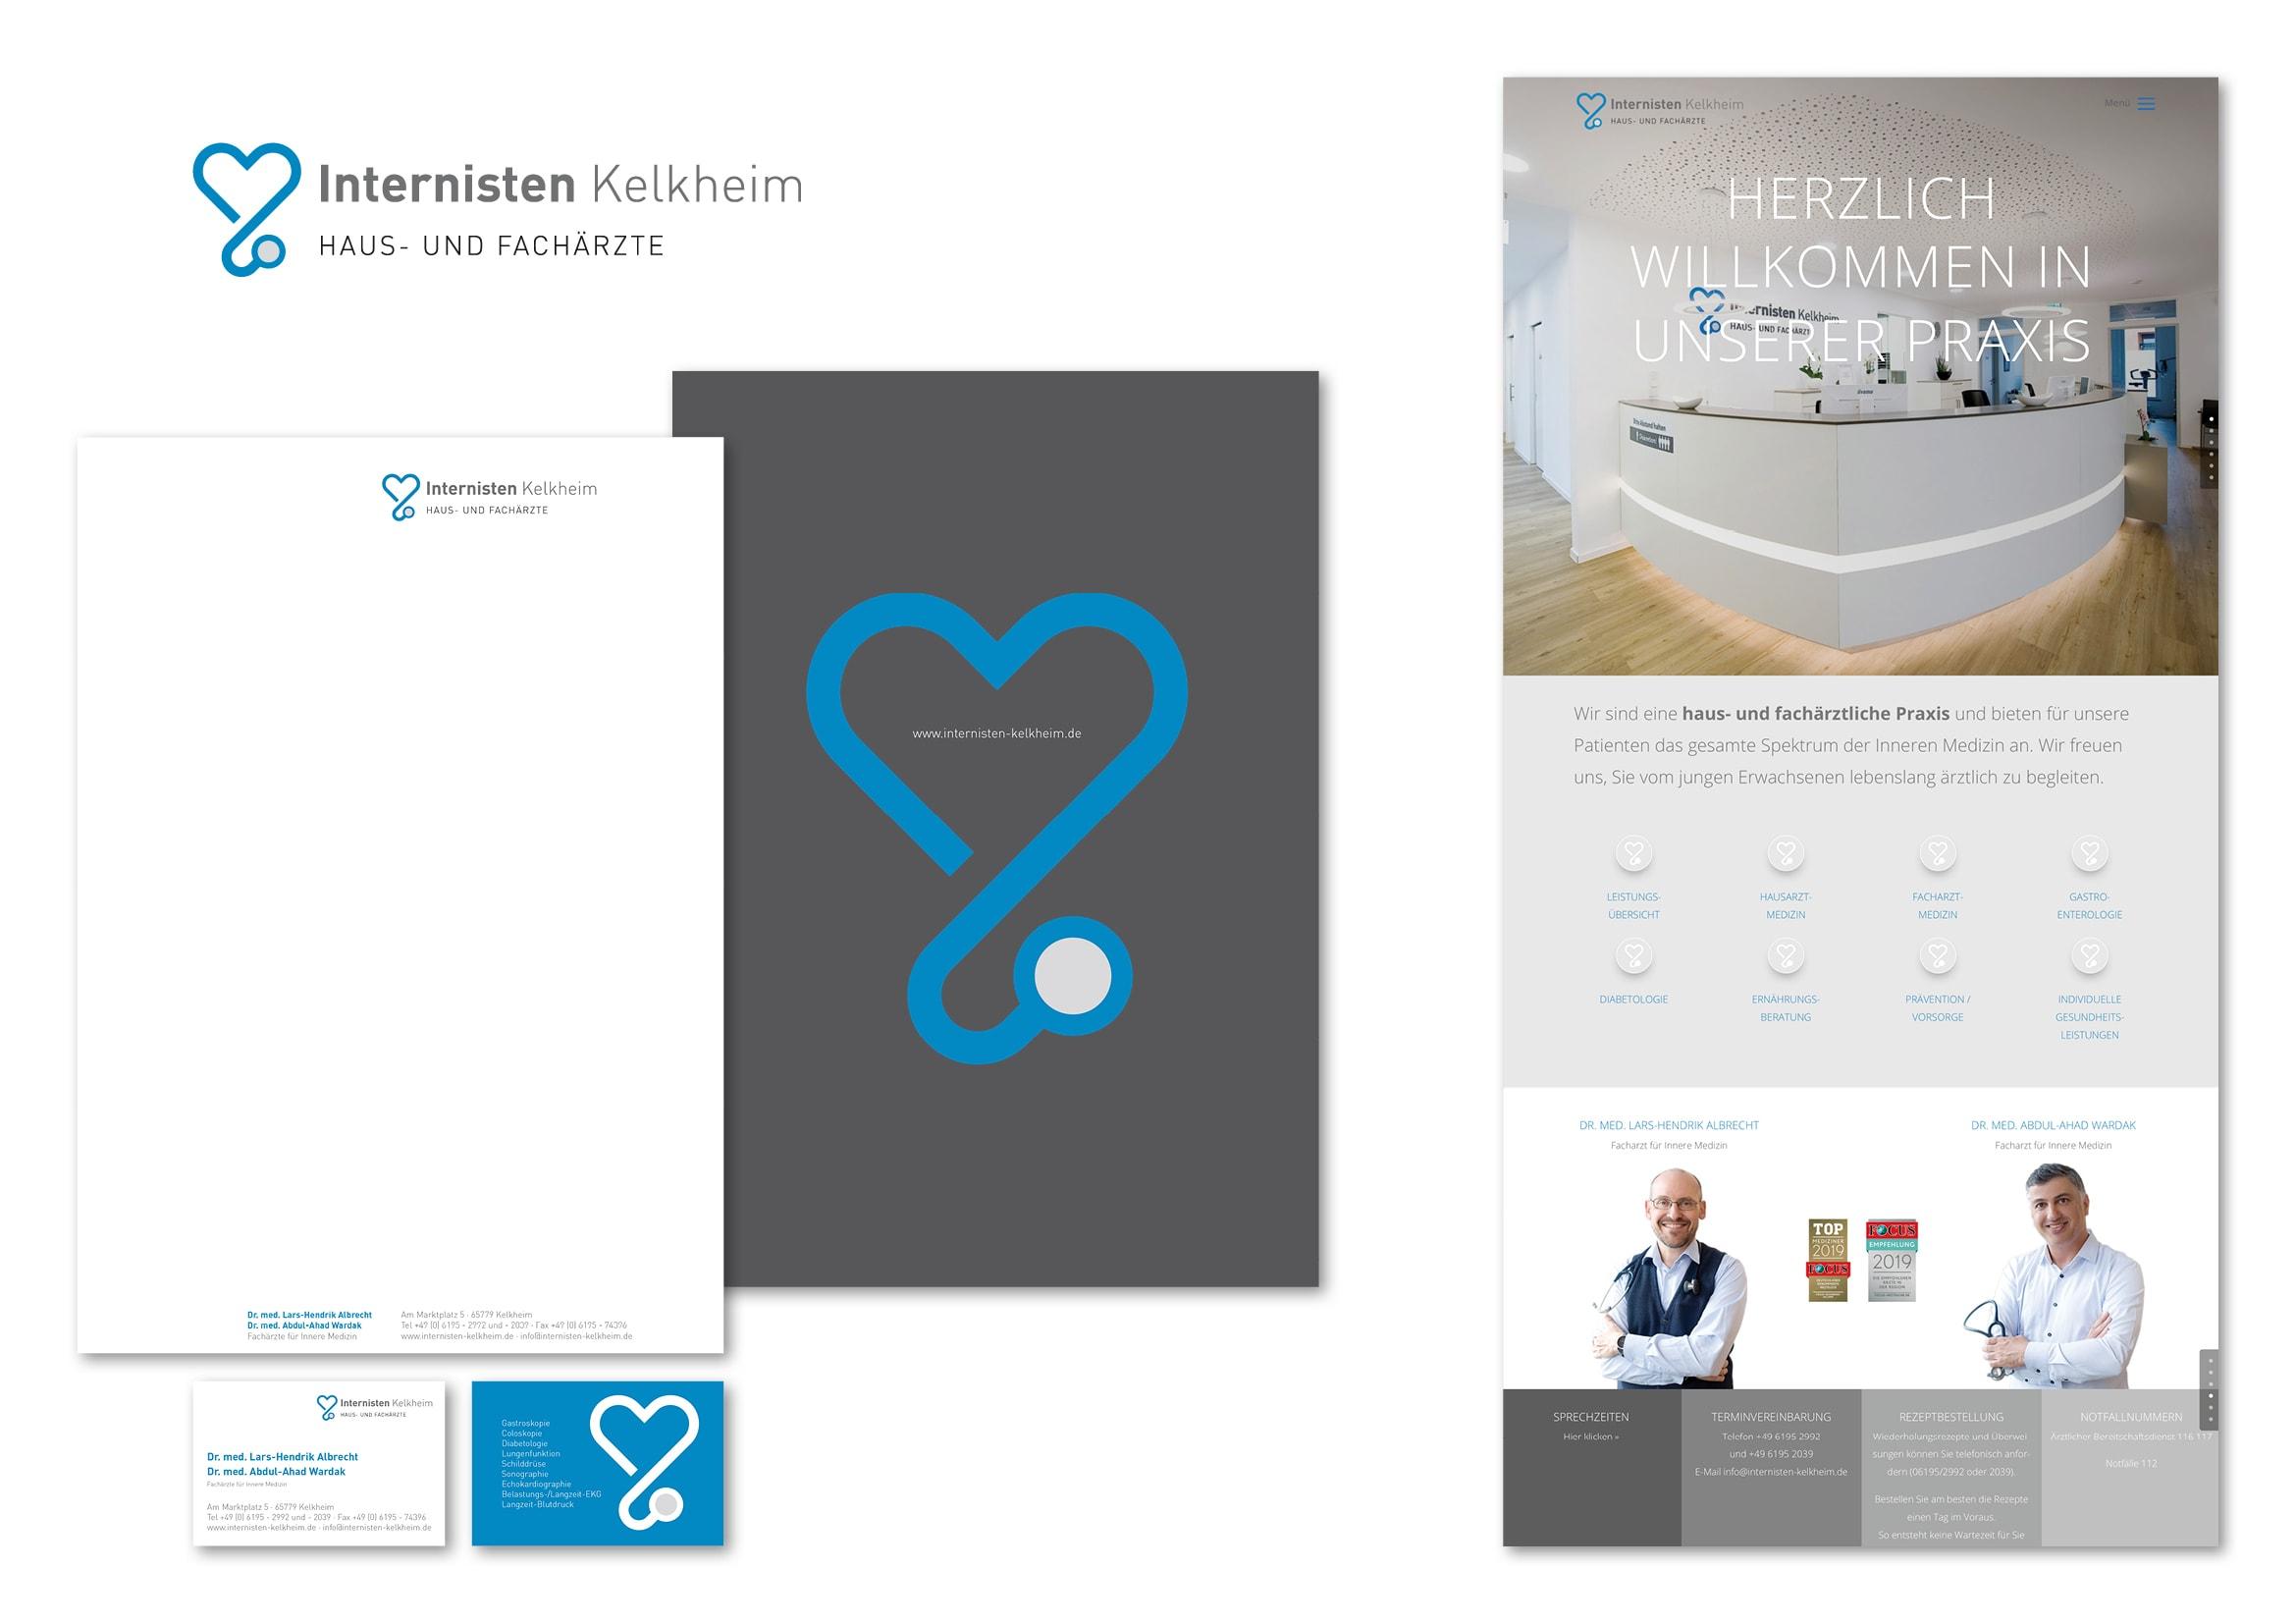 Corporate Design- und Homepage Entwicklung für Internisten Praxis durch Ronald Wissler | Visuelle Kommunikation